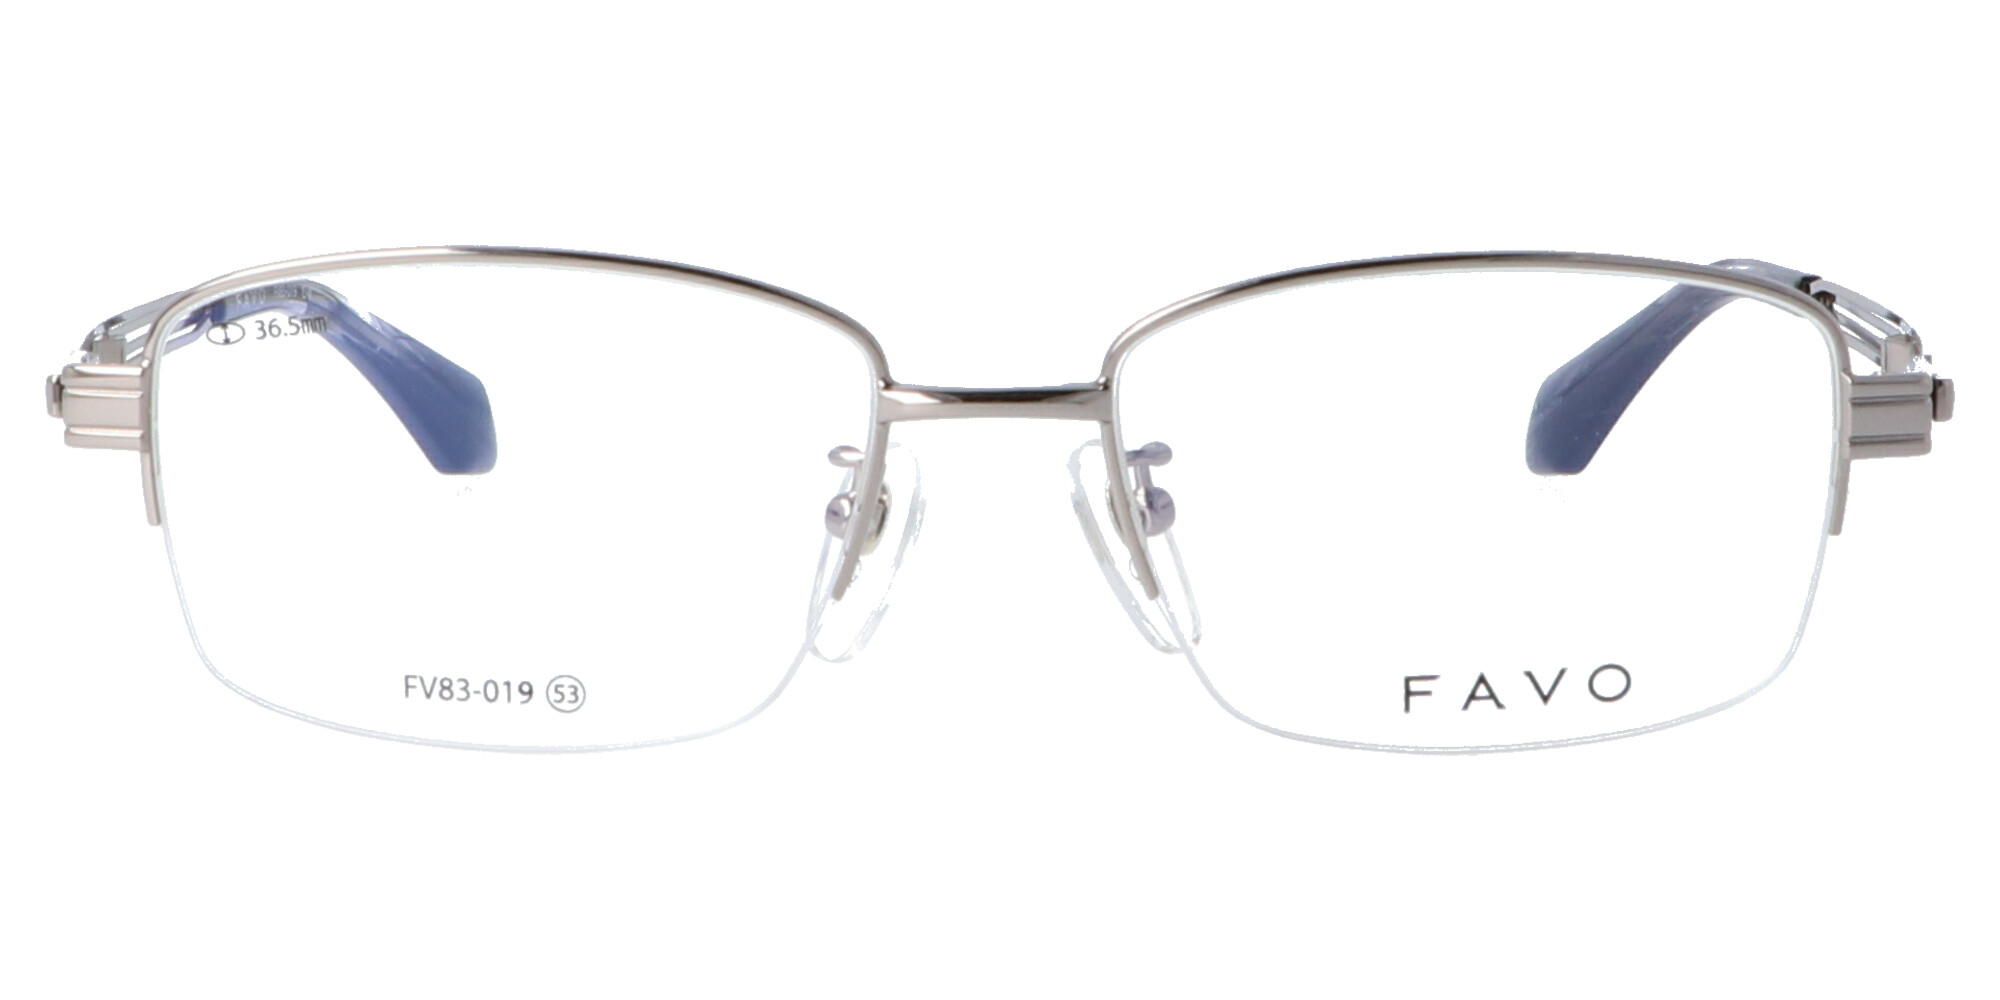 ファーボ FV83-019_53_シルバーグレー